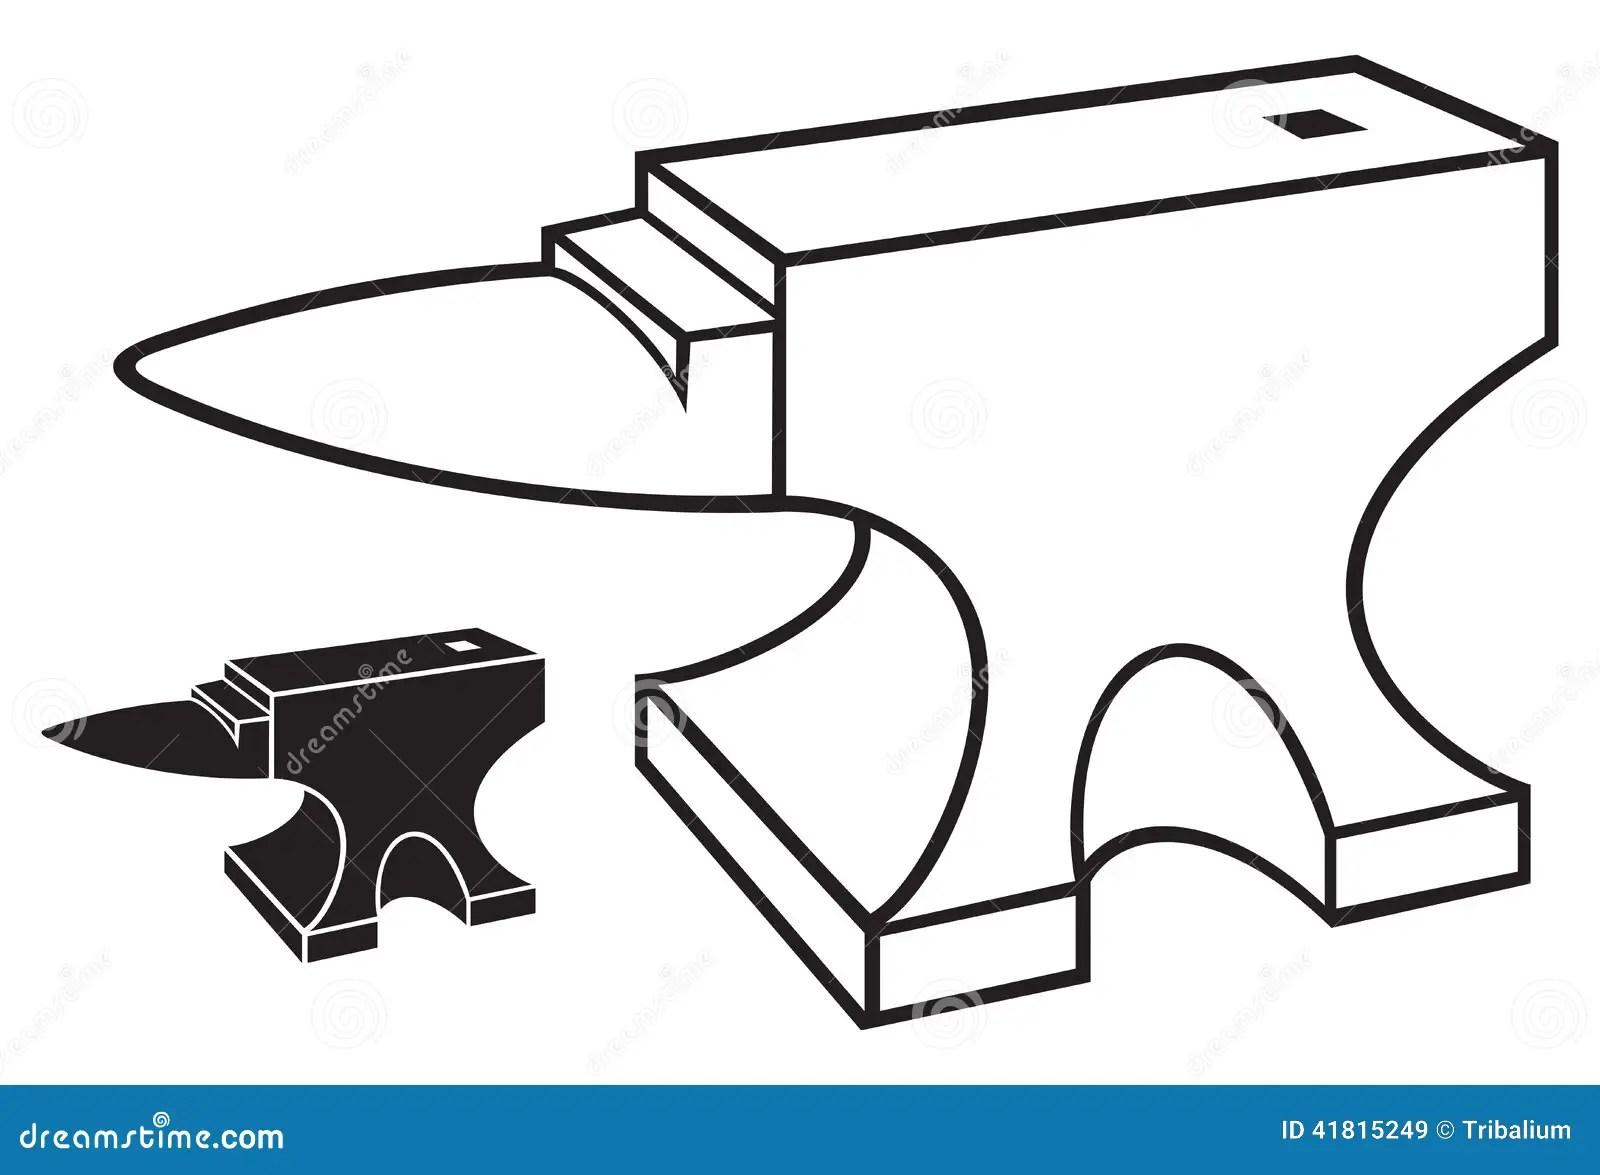 Anvil stock vector. Illustration of manual, equipment